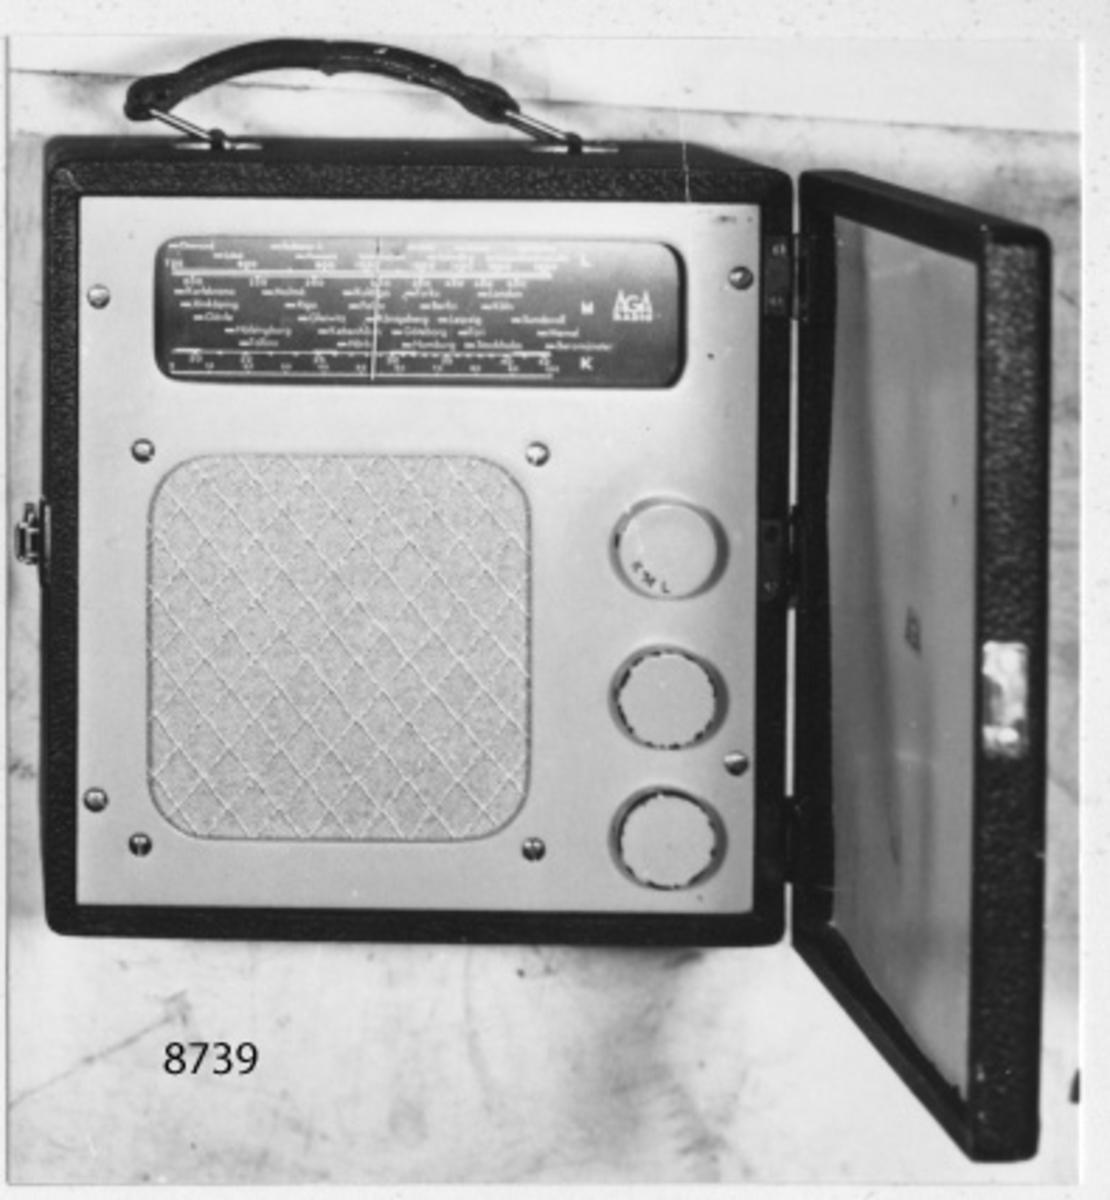 Batteridriven. I låda av trä, klädd med svart papper, dörr på framsidan, bärhandtag av läder. På panelen rektangulär skala för lång-, mellan- och kortvåg samt tre rattar. På innersidan av bakstycket beskrivning för glödströms- och anodbatteriernas inkoppling. Skalan märkt: Aga radio. I botten märkt: Typ 240.